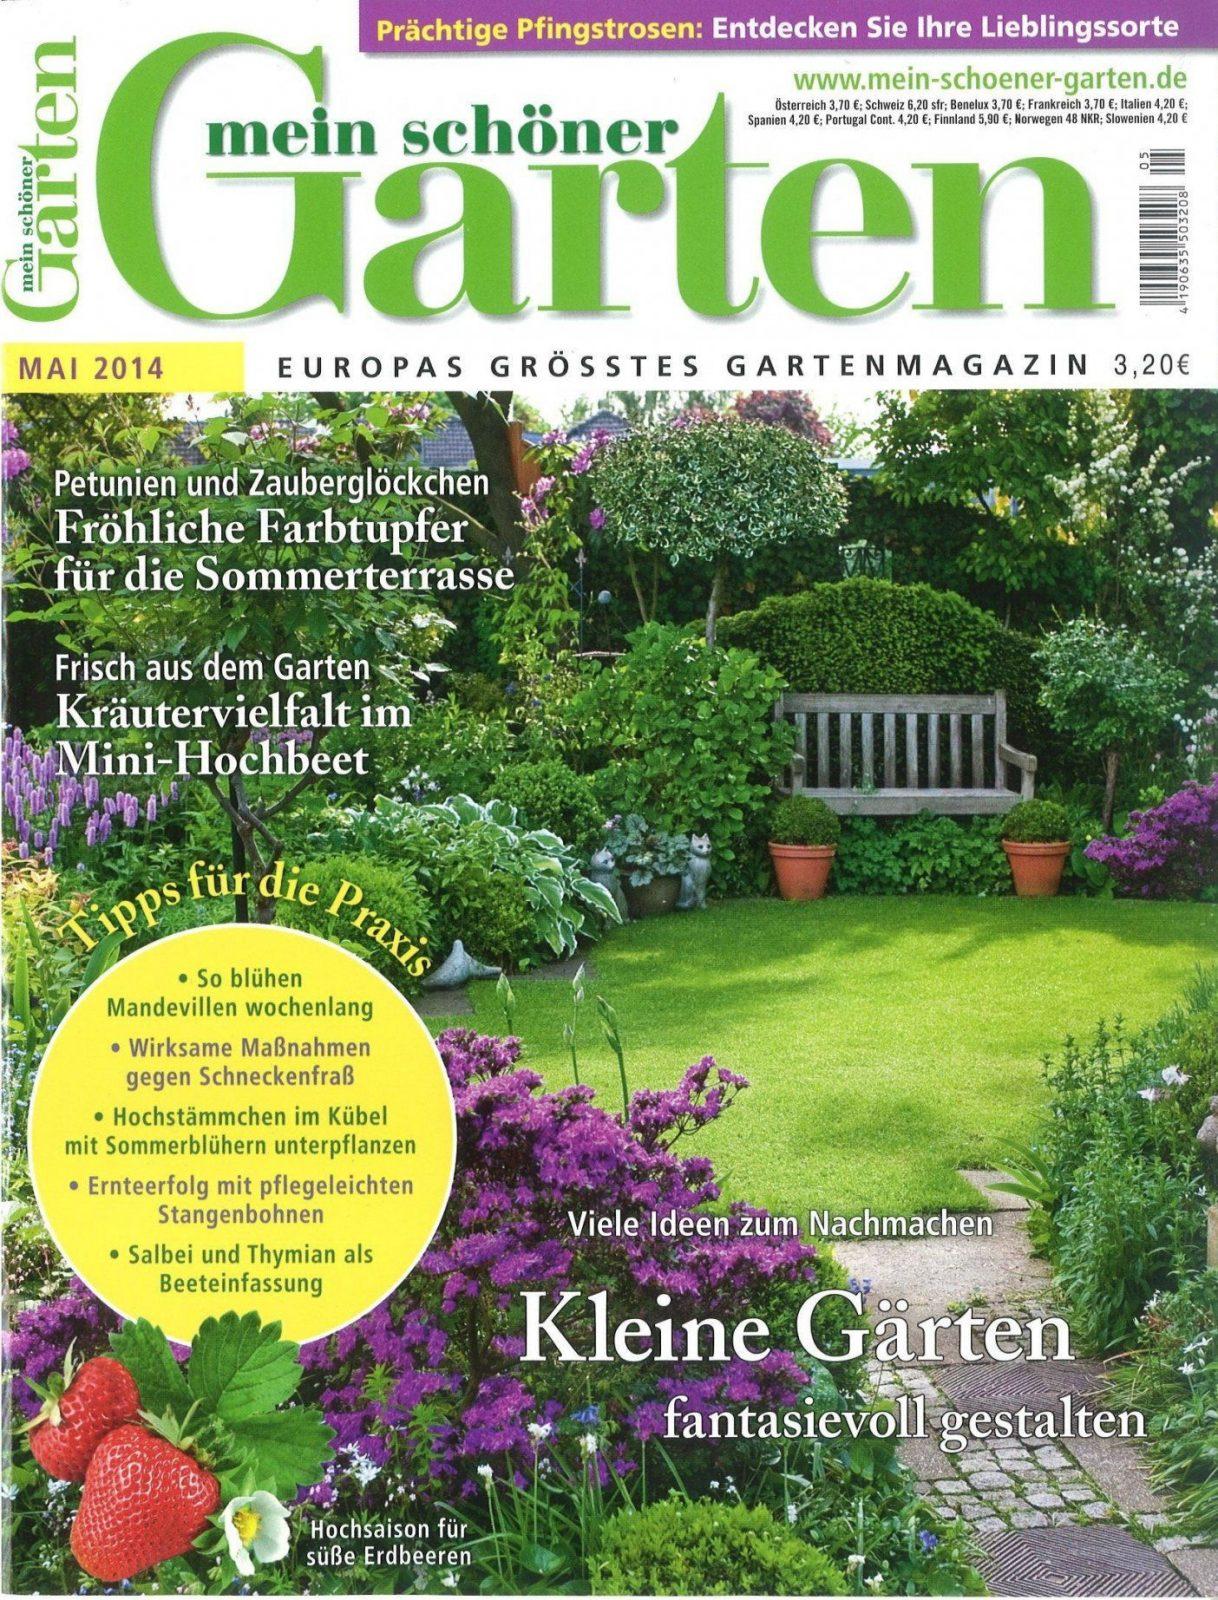 Mein Schöner Garten Forum Atemberaubend Ideen Bezieht Sich Auf Mein von Mein Schöner Garten Forum Photo